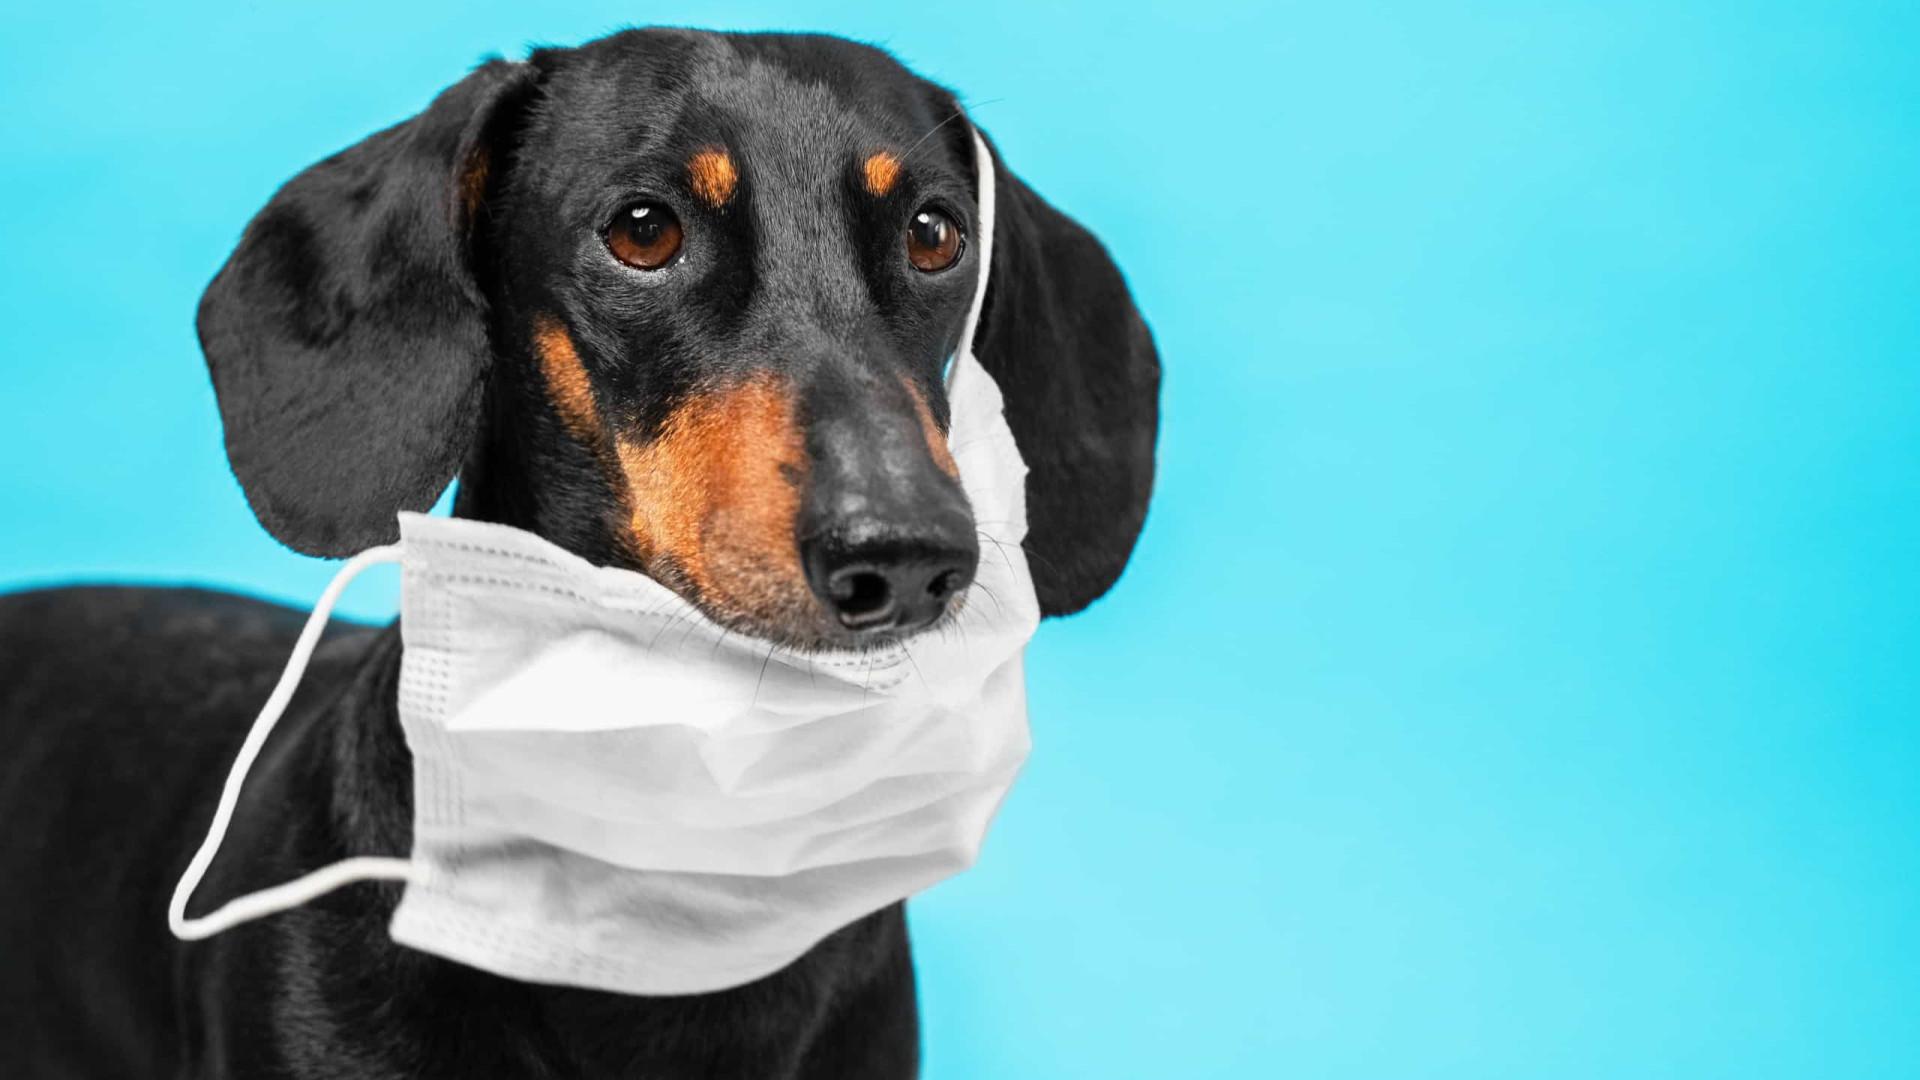 Covid-19 causa problemas respiratórios em cães e gatos, alerta estudo